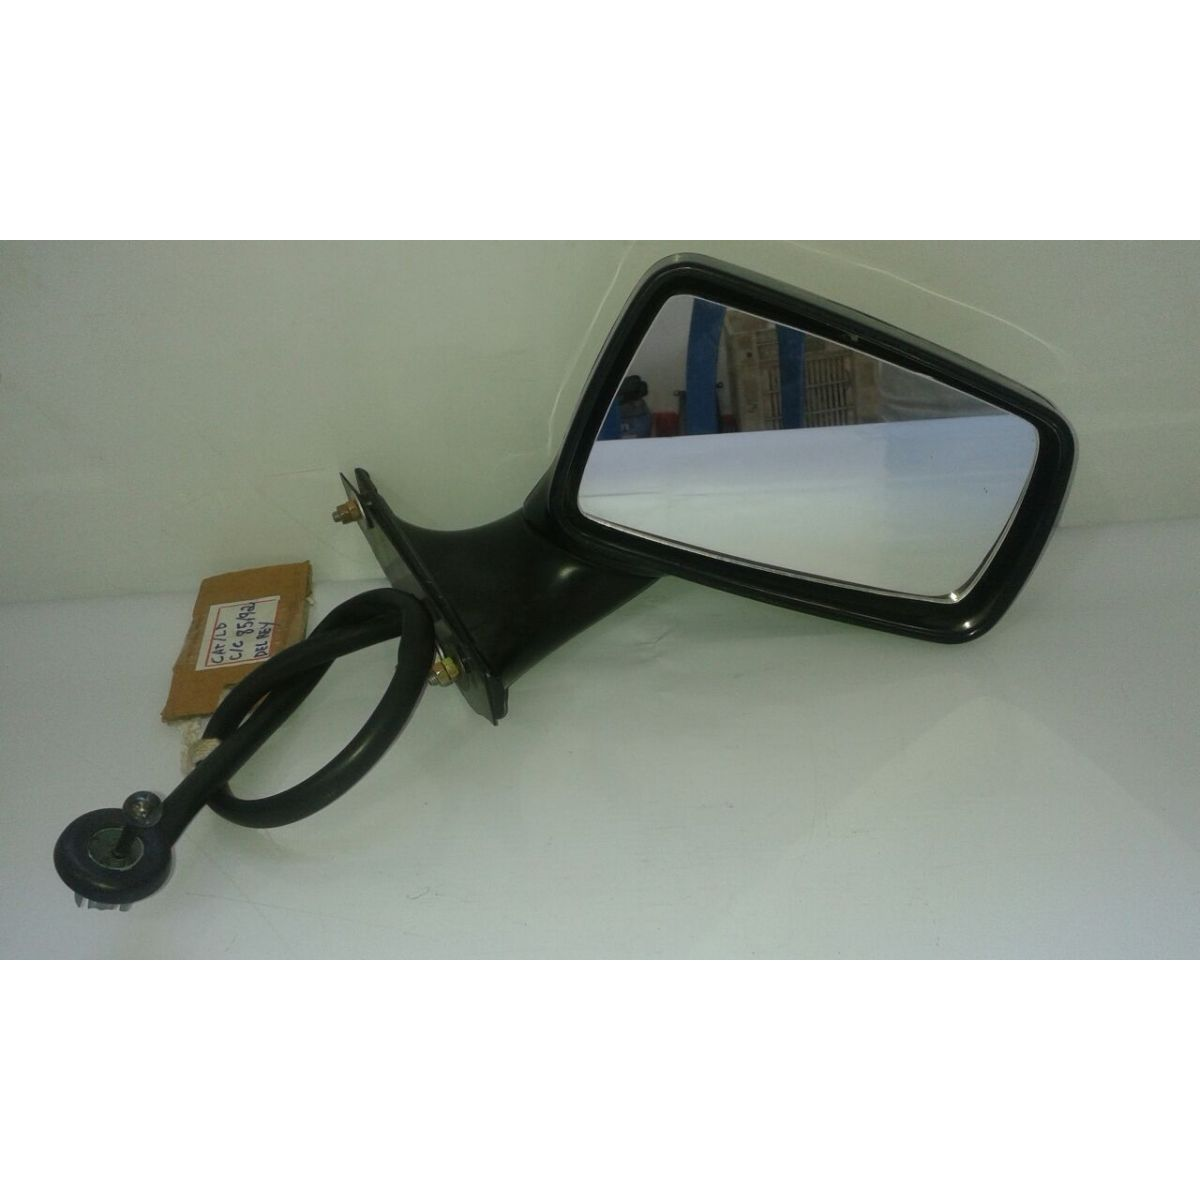 Retrovisor Espelho Del Rey Belina Scala Pampa 85 a 92 Com Controle  - Amd Auto Pe�as